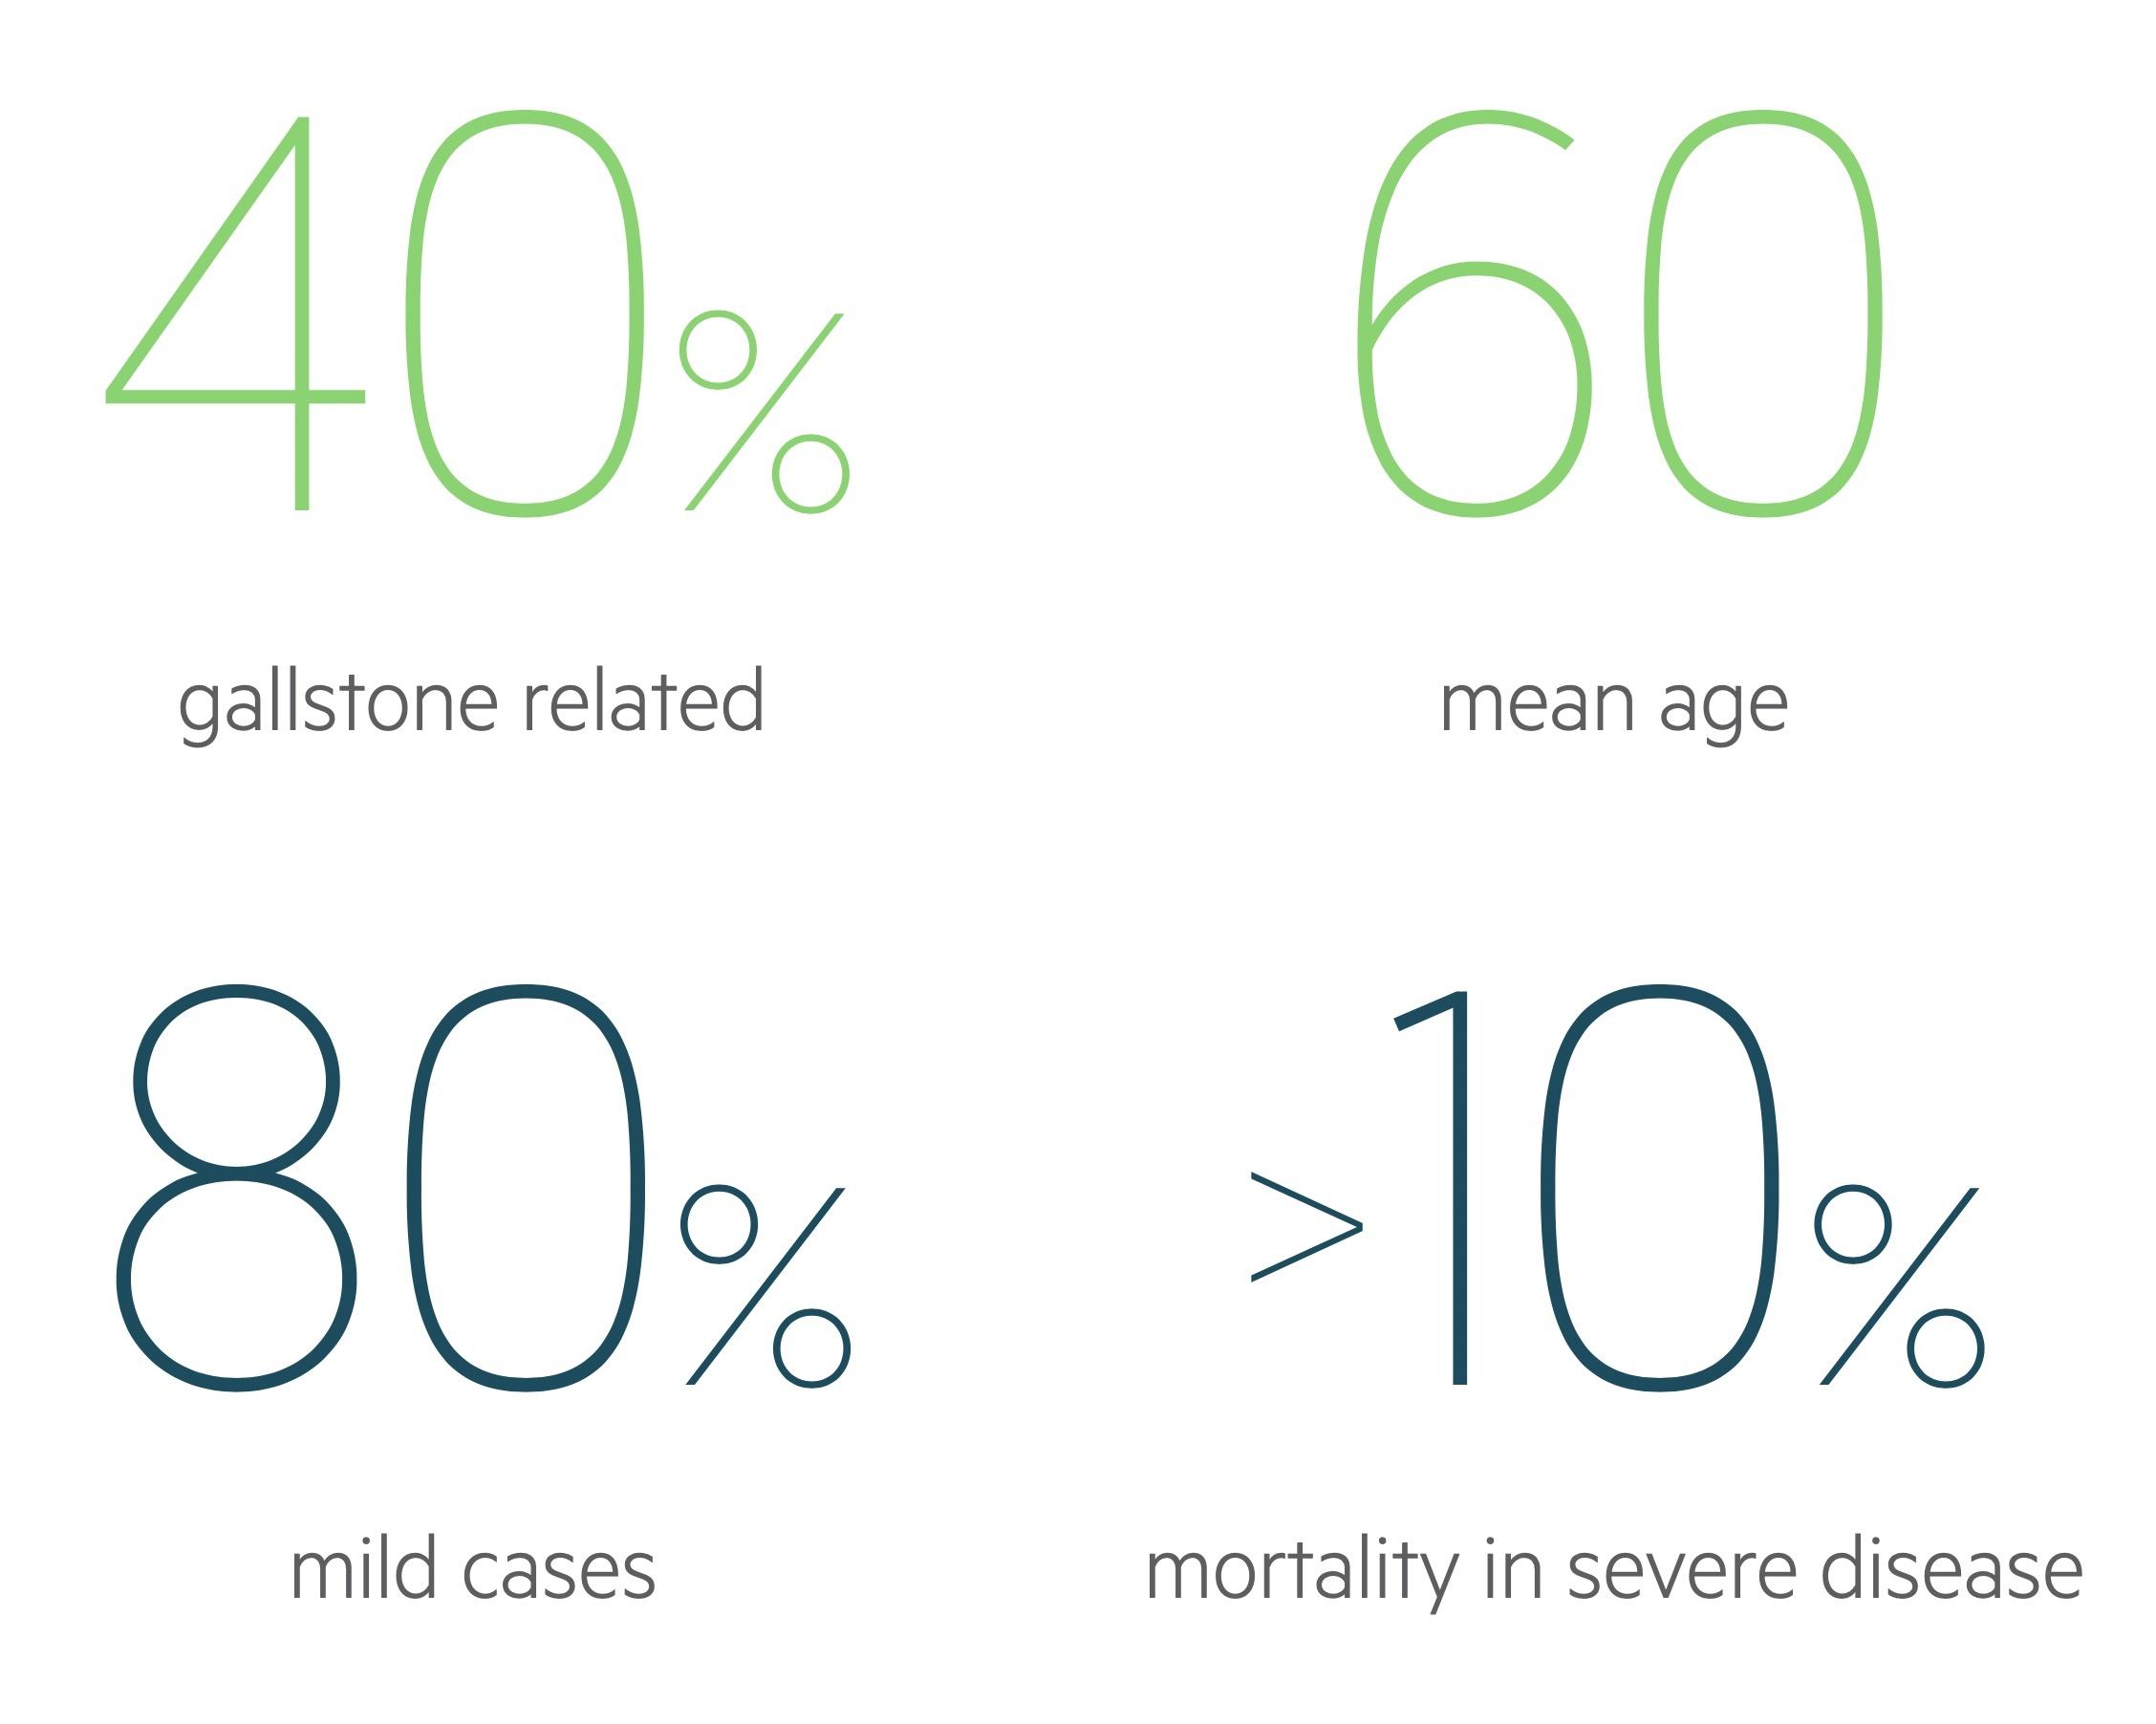 Acute pancreatitis statistics